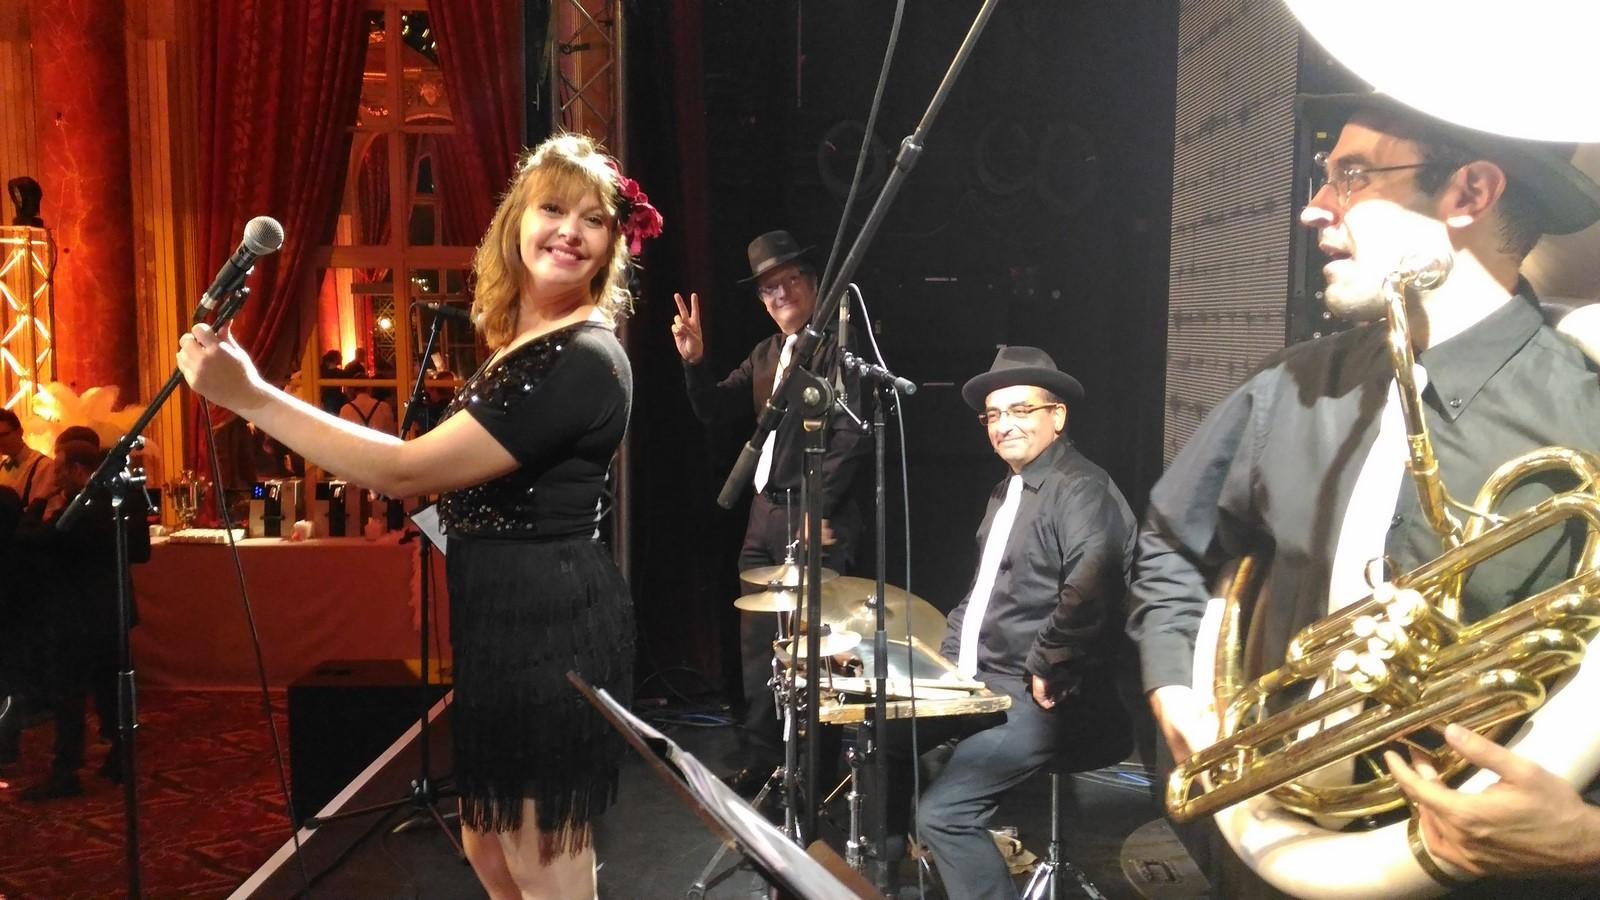 Orchestre de jazz Gatsby années folles au casino de Deauville